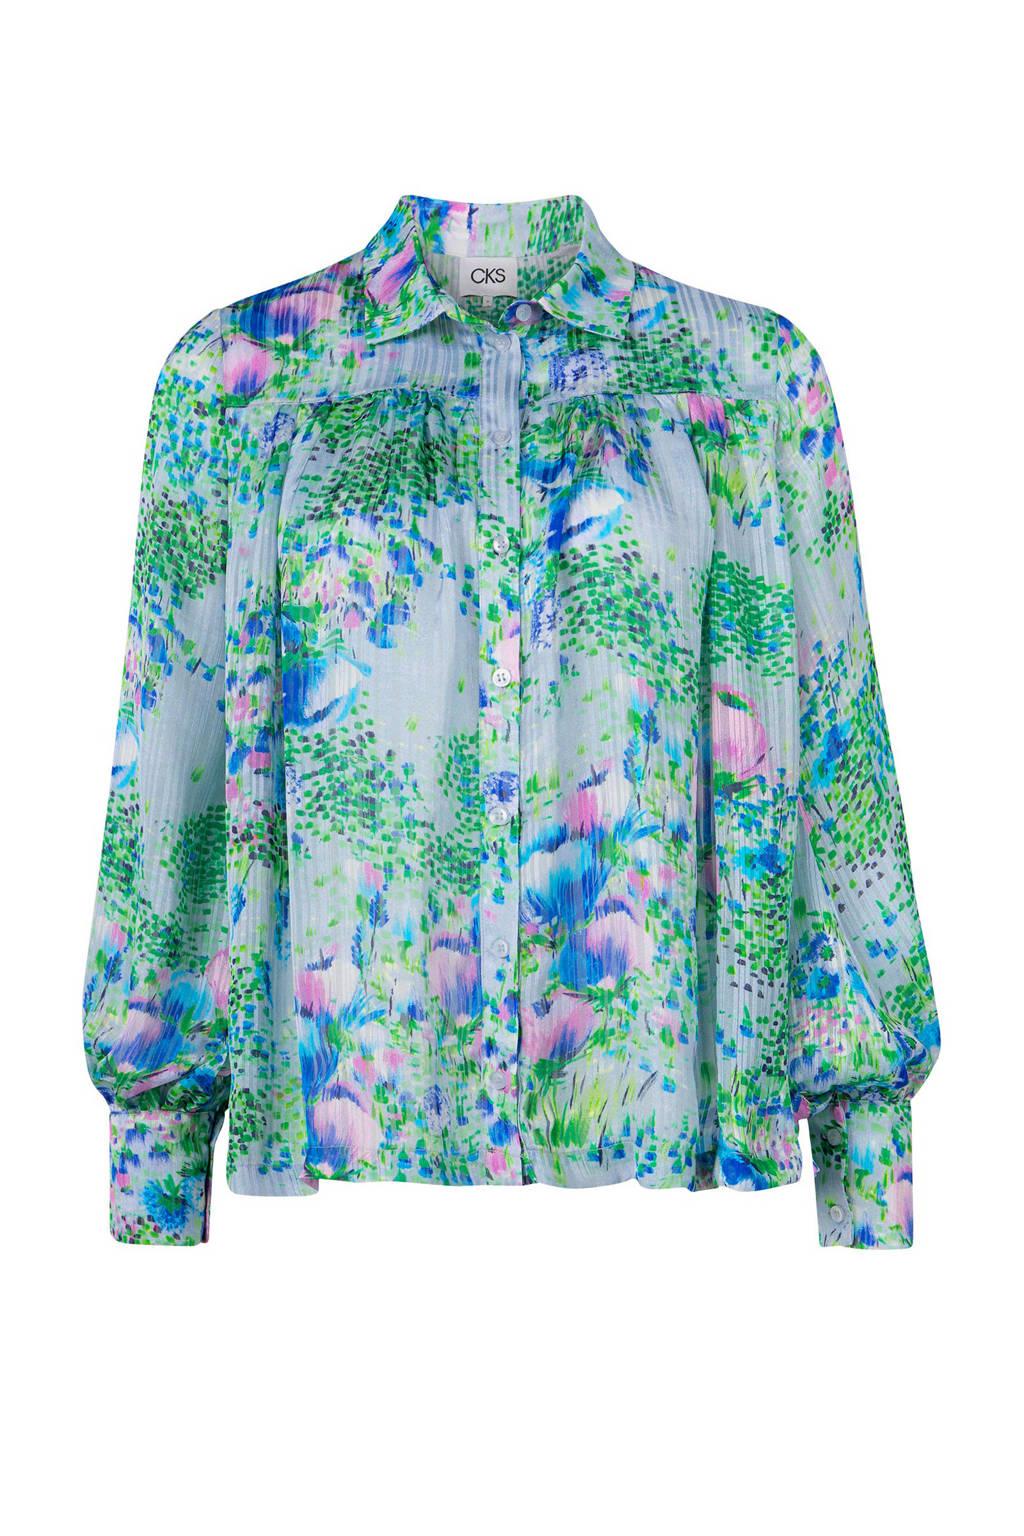 CKS gebloemde blouse lichtblauw, Lichtblauw